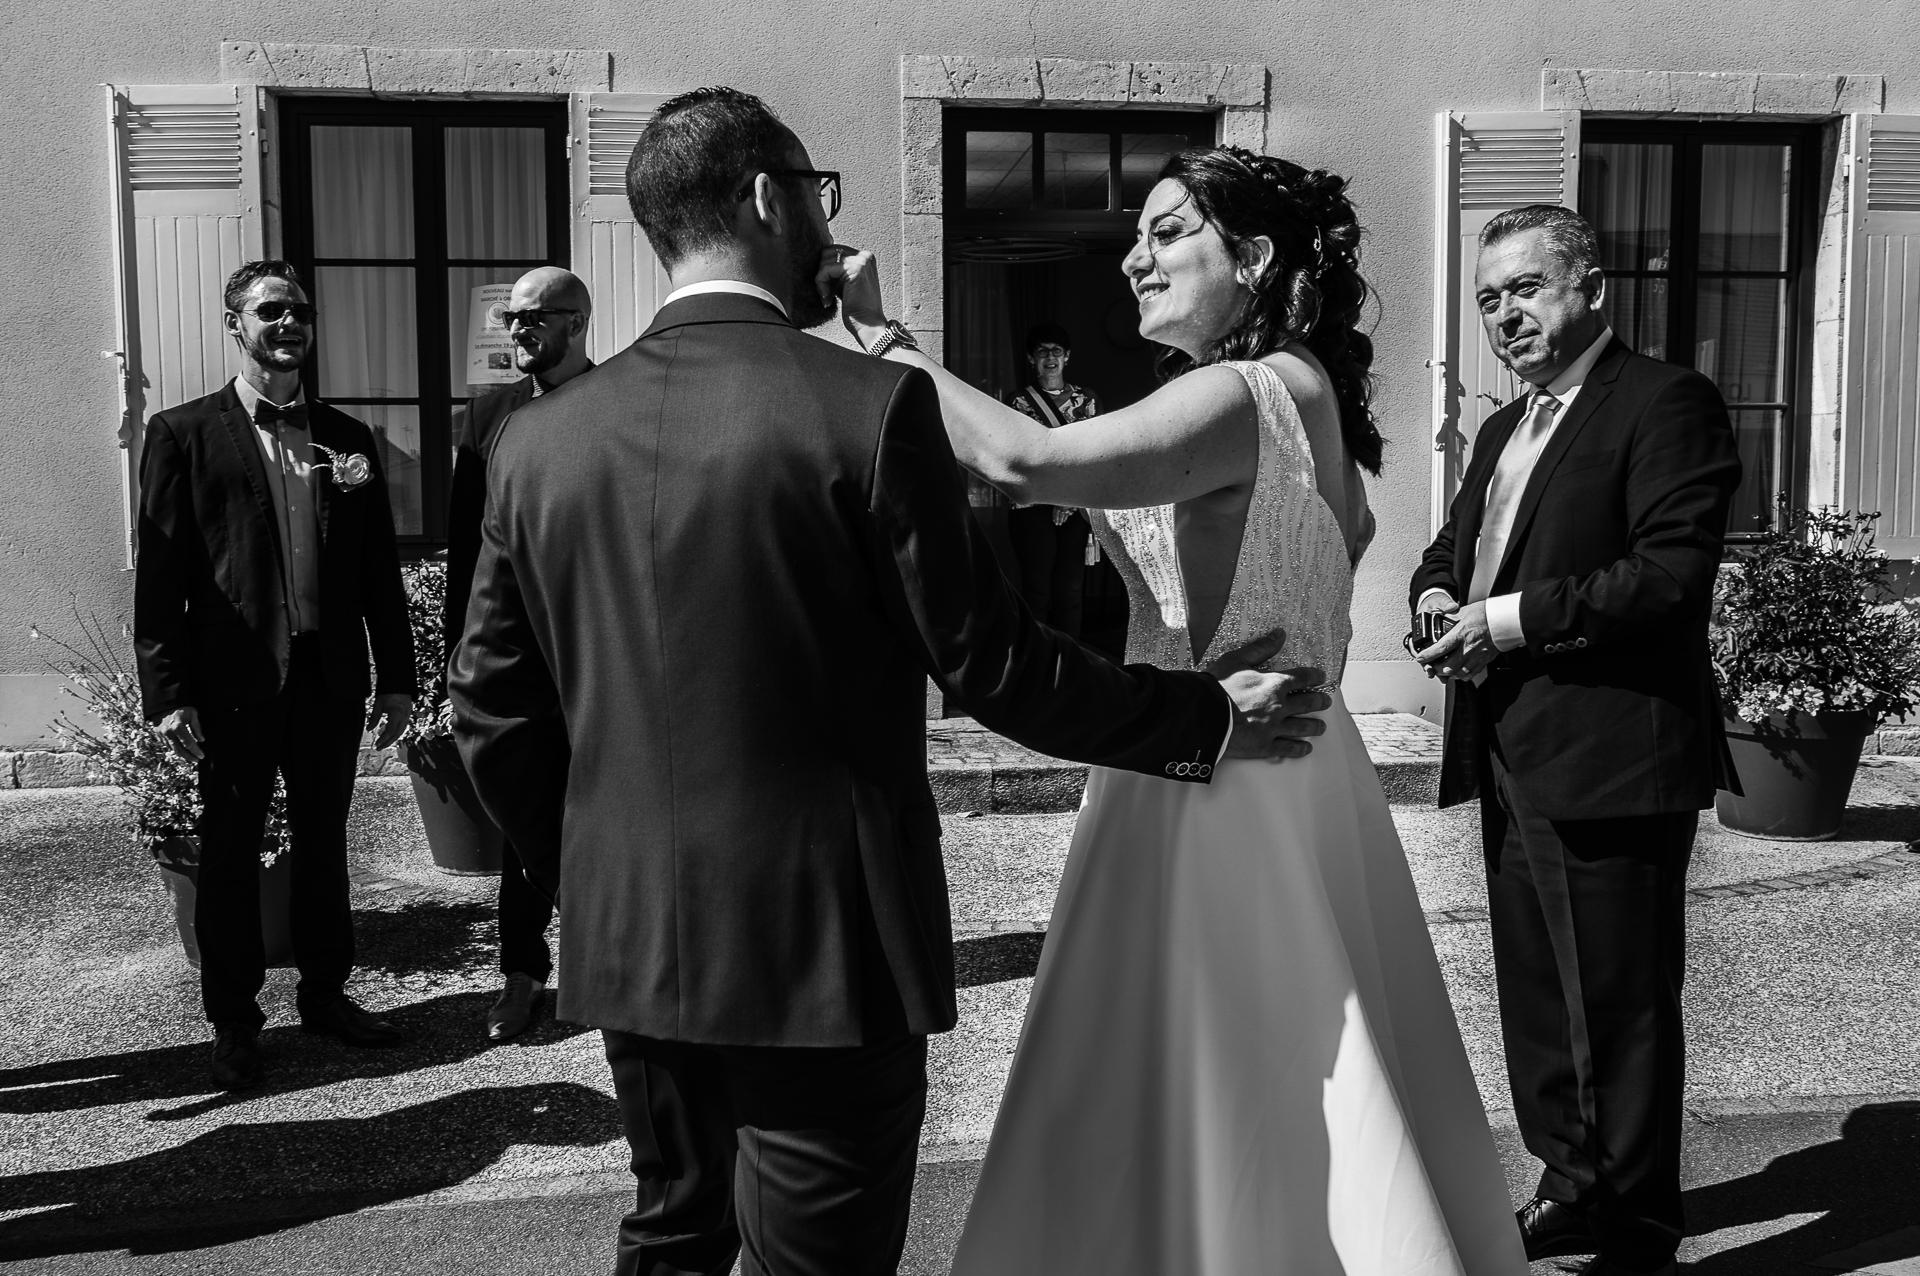 Orléans France Elopements und Paris Fotografen | Die erste Begegnung des Paares kurz vor dem Betreten des Rathauses